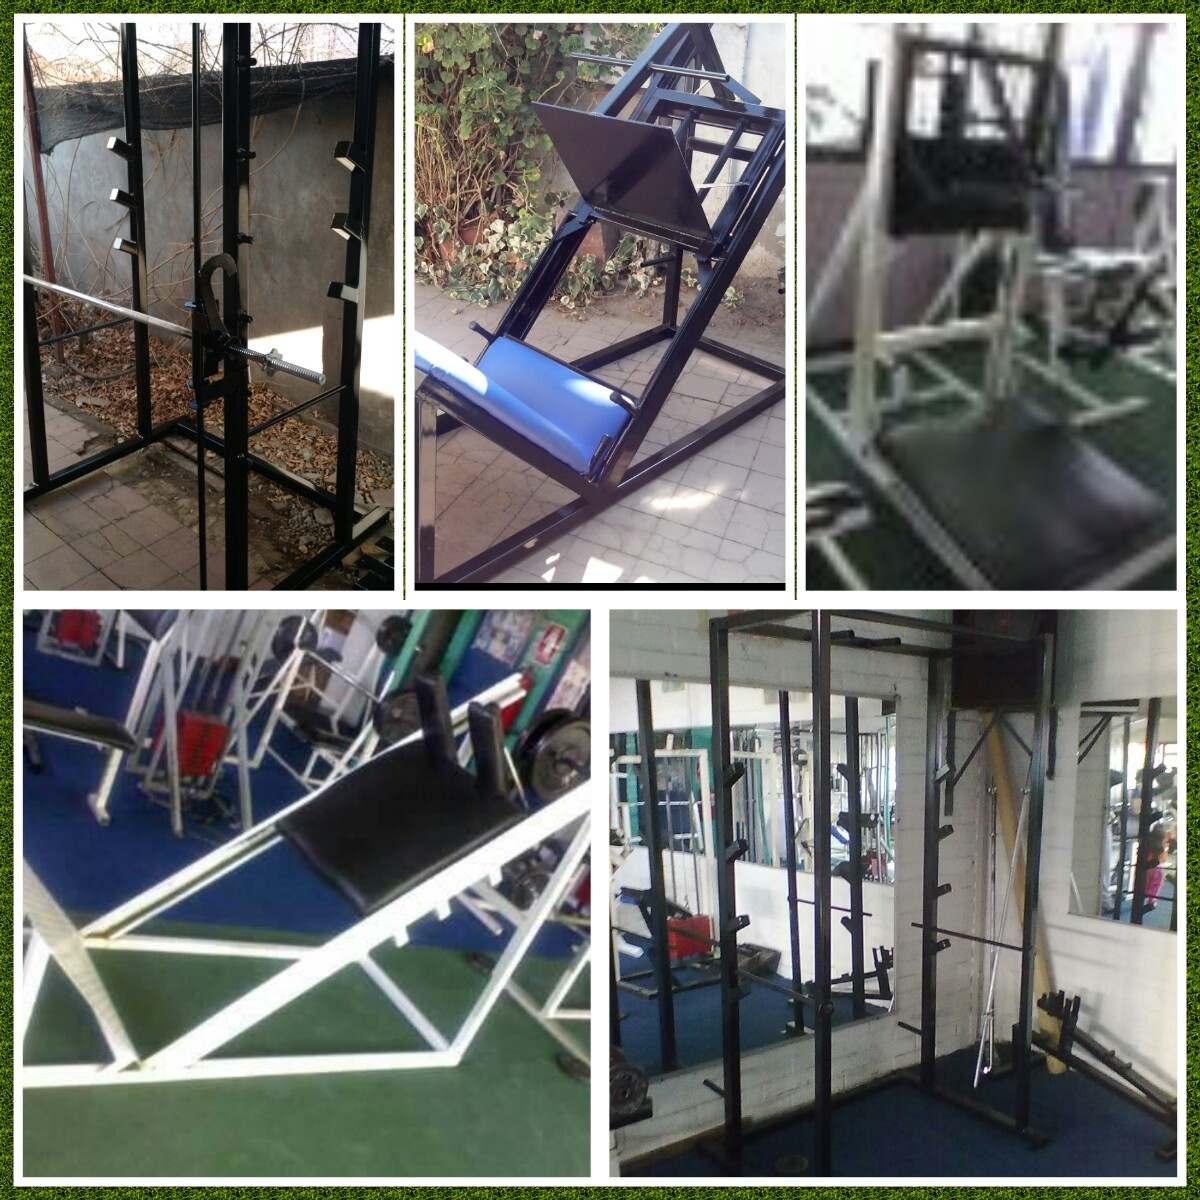 M quinas monster gymde ejercicios para gimnasio y casa - Maquinas para gimnasio en casa ...